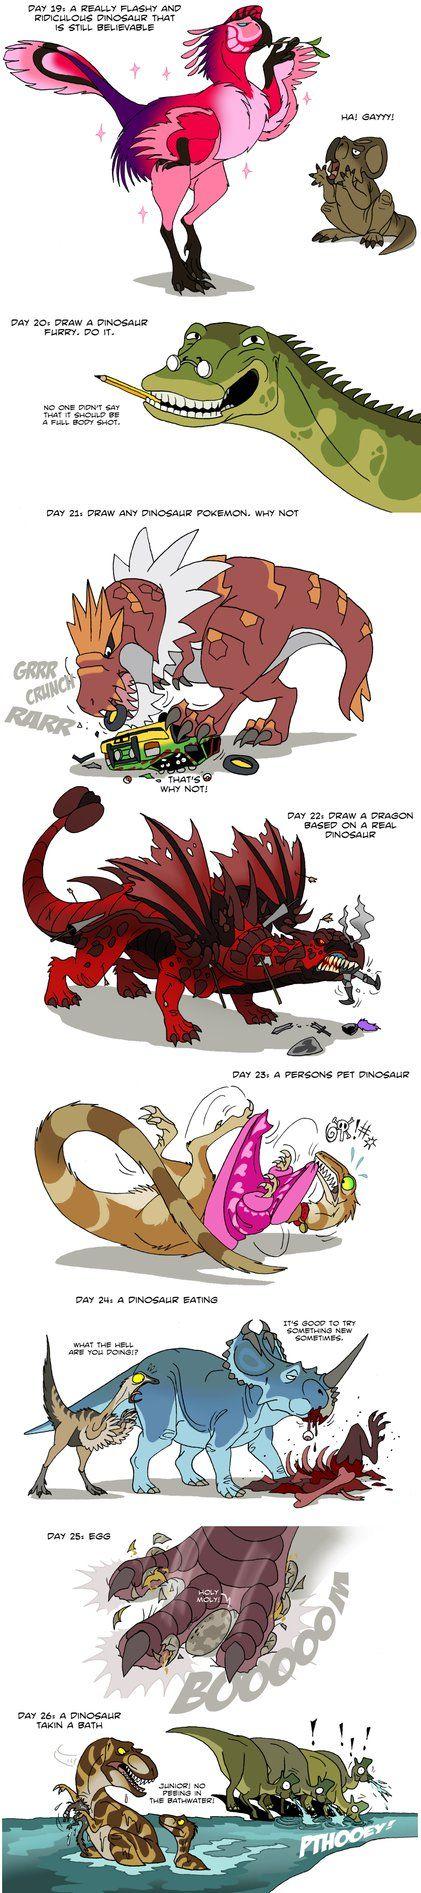 Dinosaur challenge 4 by IsisMasshiro on DeviantArt